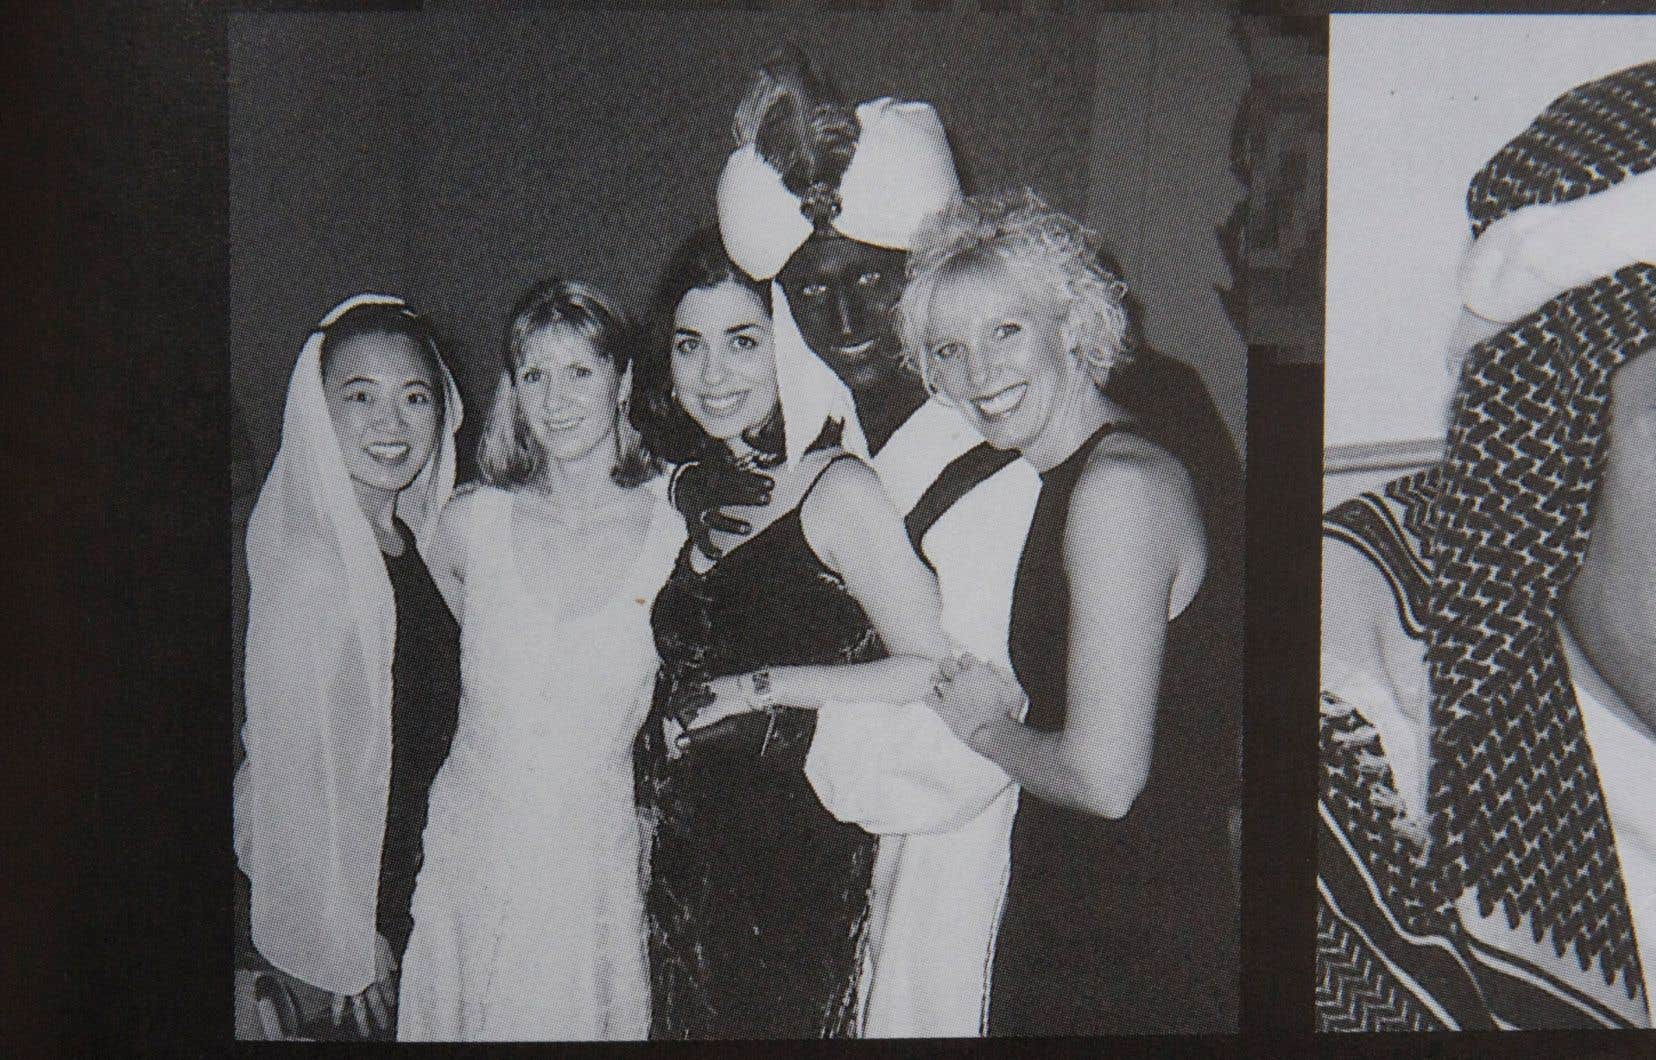 La photo montre M.Trudeau vêtu d'un turban et d'une robe, avec un maquillage sombre sur les mains, le visage et le cou.